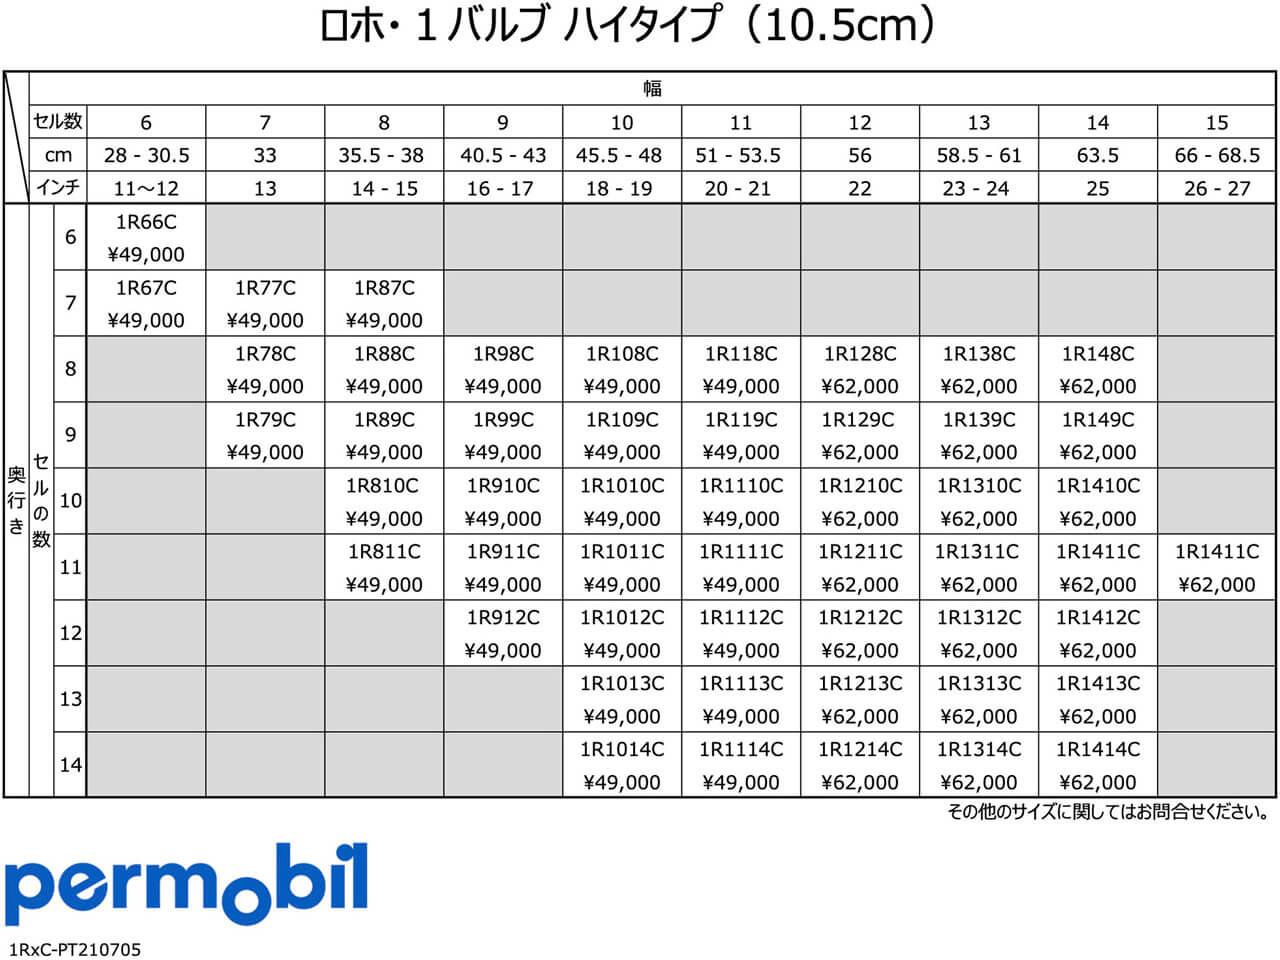 ロホクッション 1バルブ・ハイタイプ サイズ一覧